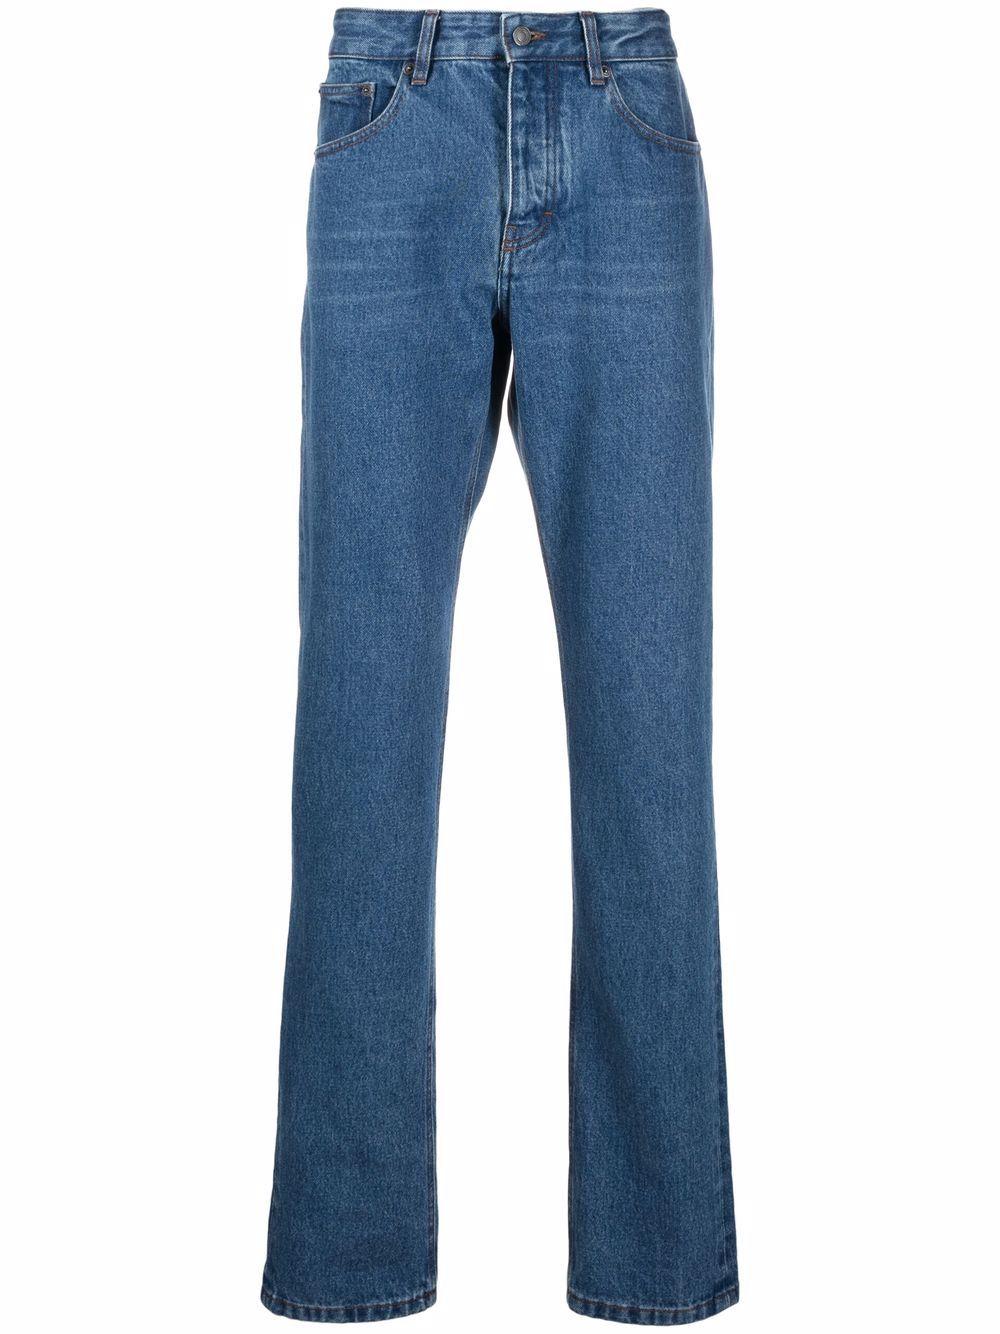 jeans dritti uomo in cotone AMI - ALEXANDRE MATTIUSSI | Jeans | H21HD001.601480